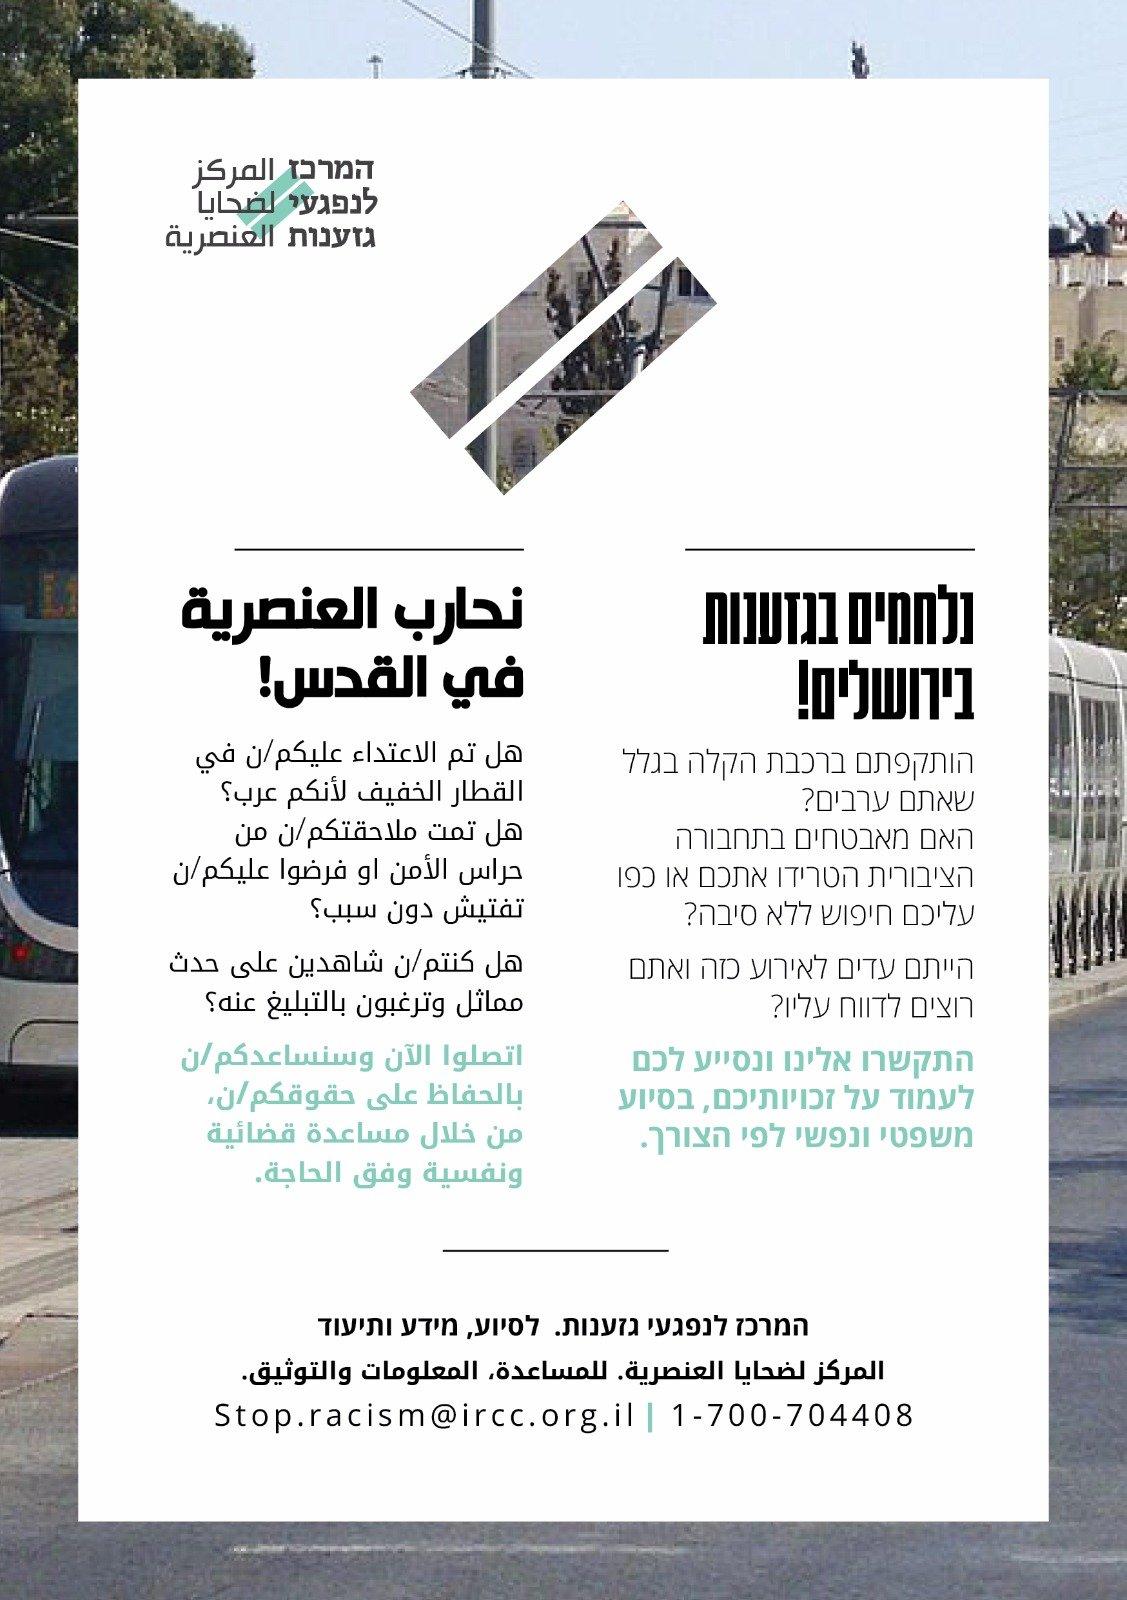 مركز ضحايا العنصرية يتوجه للمتضررين العرب من حراس الأمن في القطار الخفيف في القدس